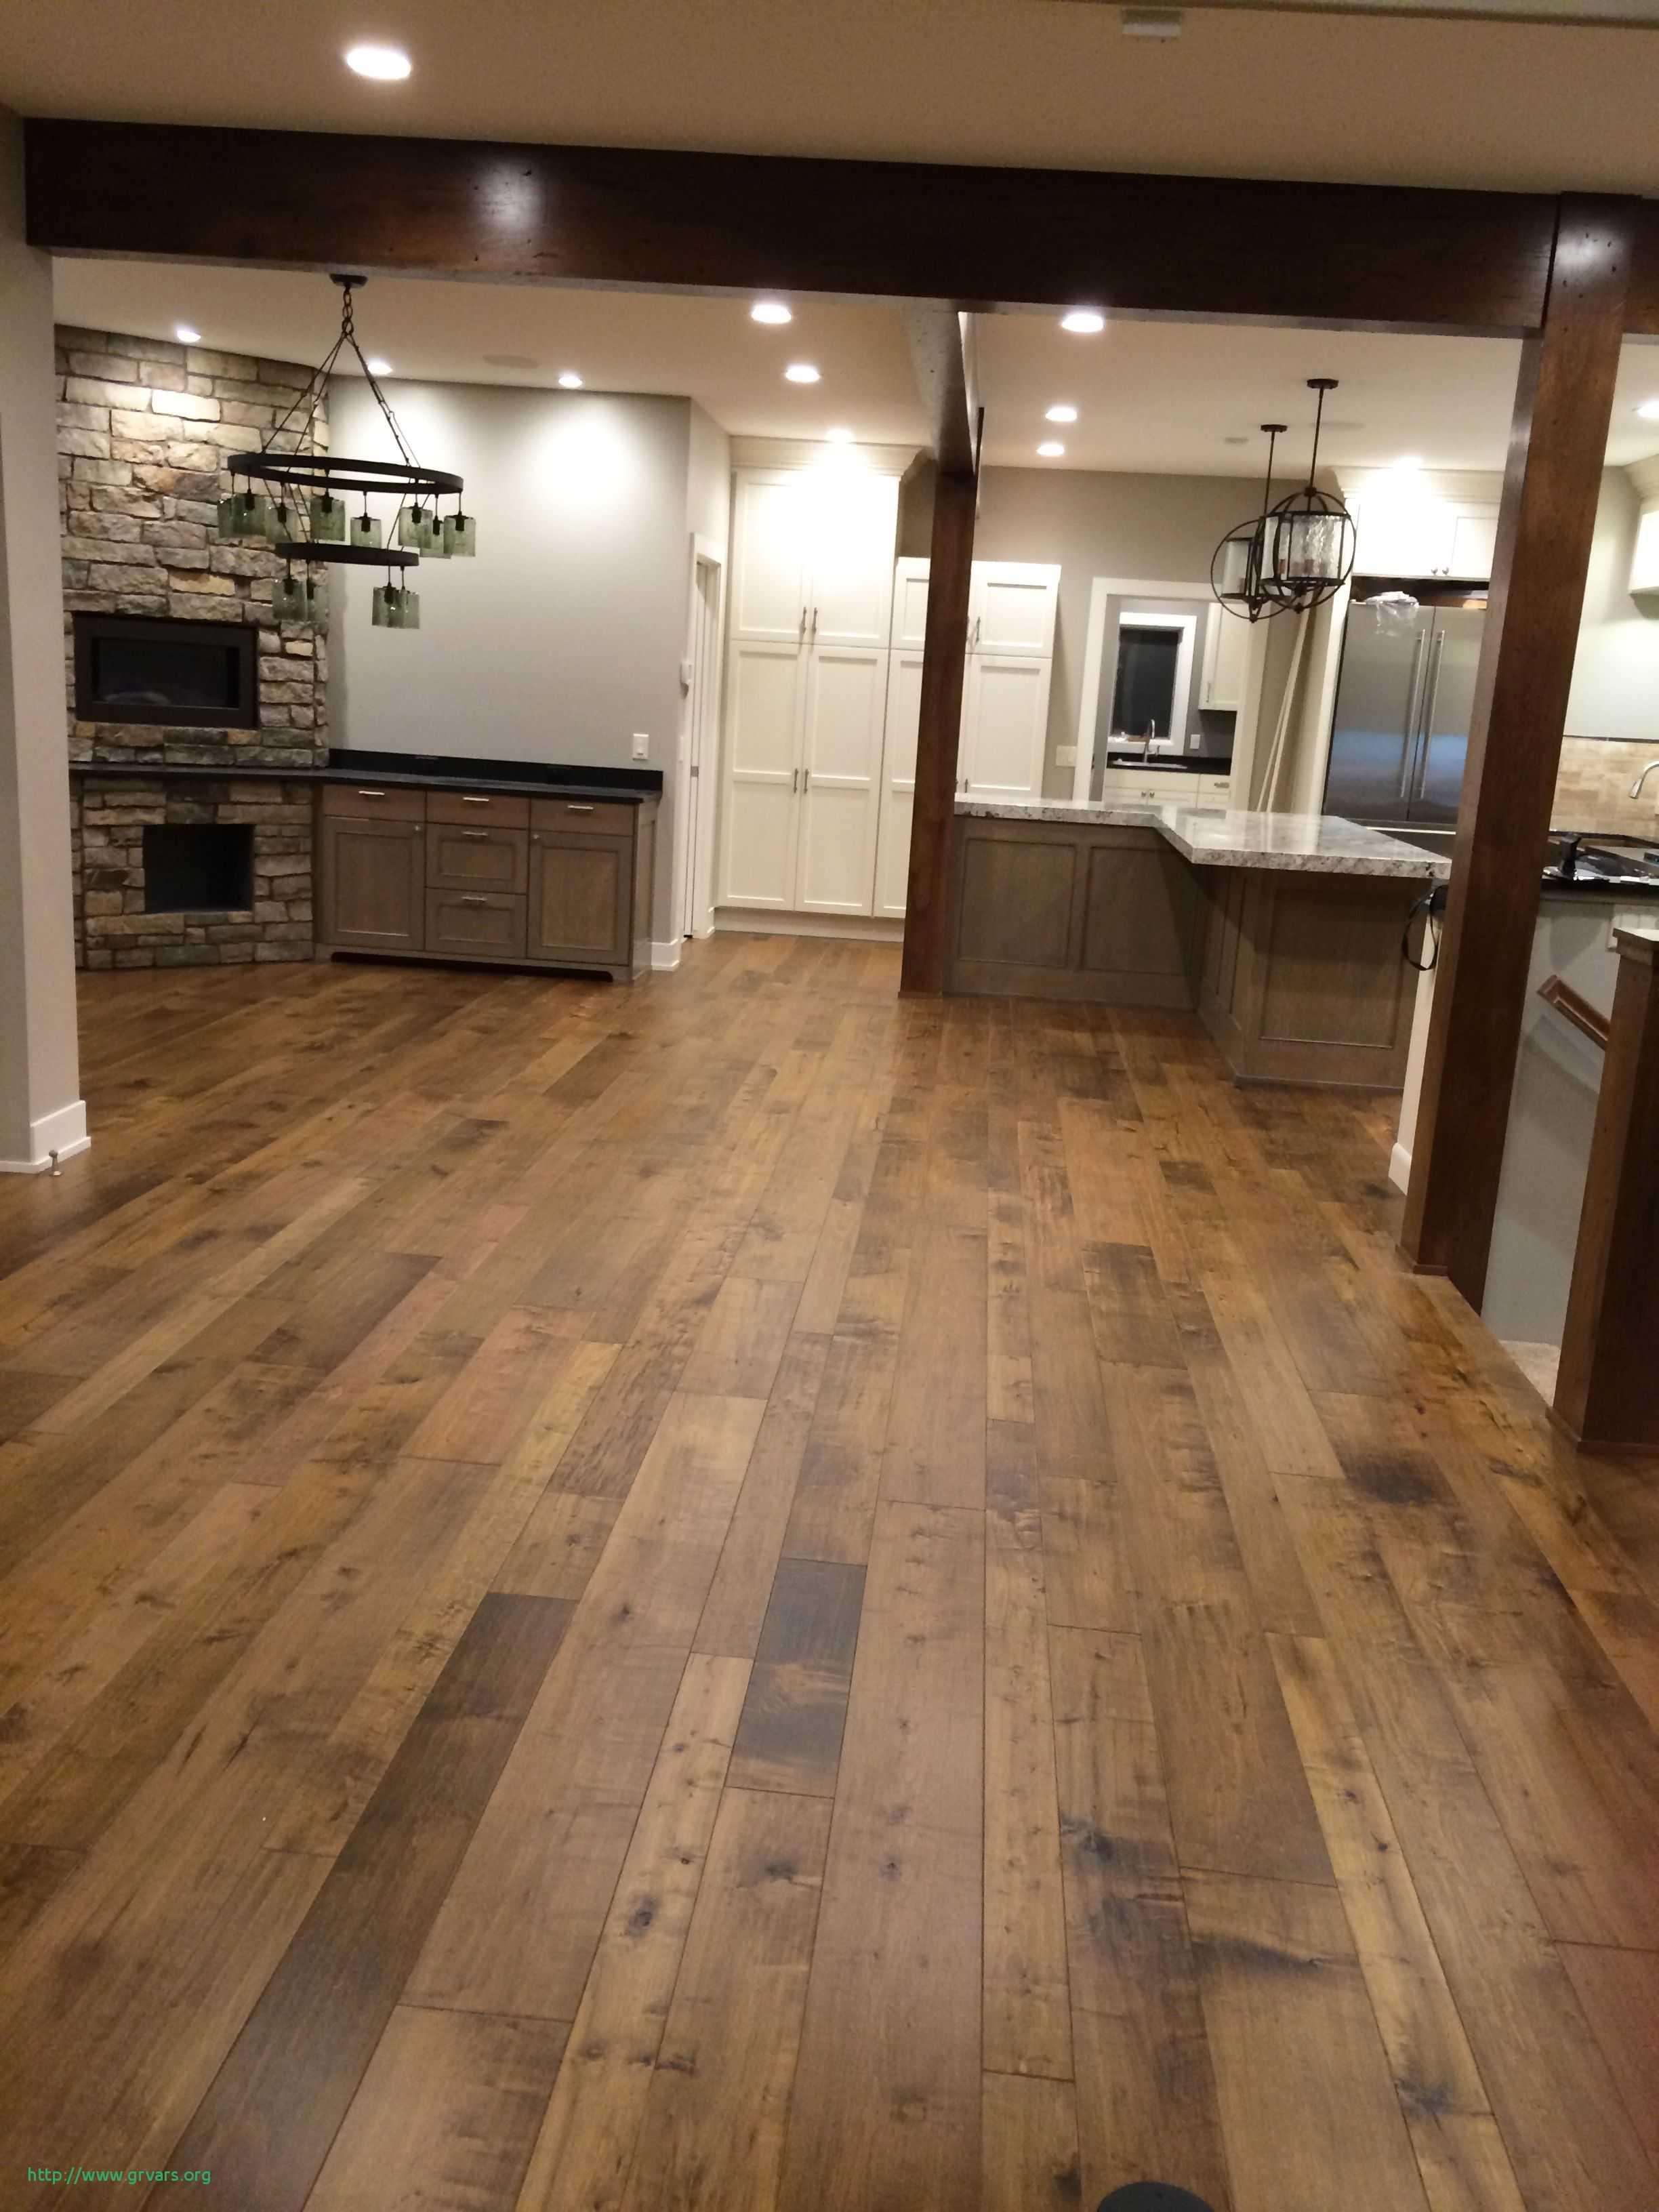 discount hardwood flooring gta of 17 meilleur de hardwood floor installers toronto ideas blog in 17 photos of the 17 meilleur de hardwood floor installers toronto